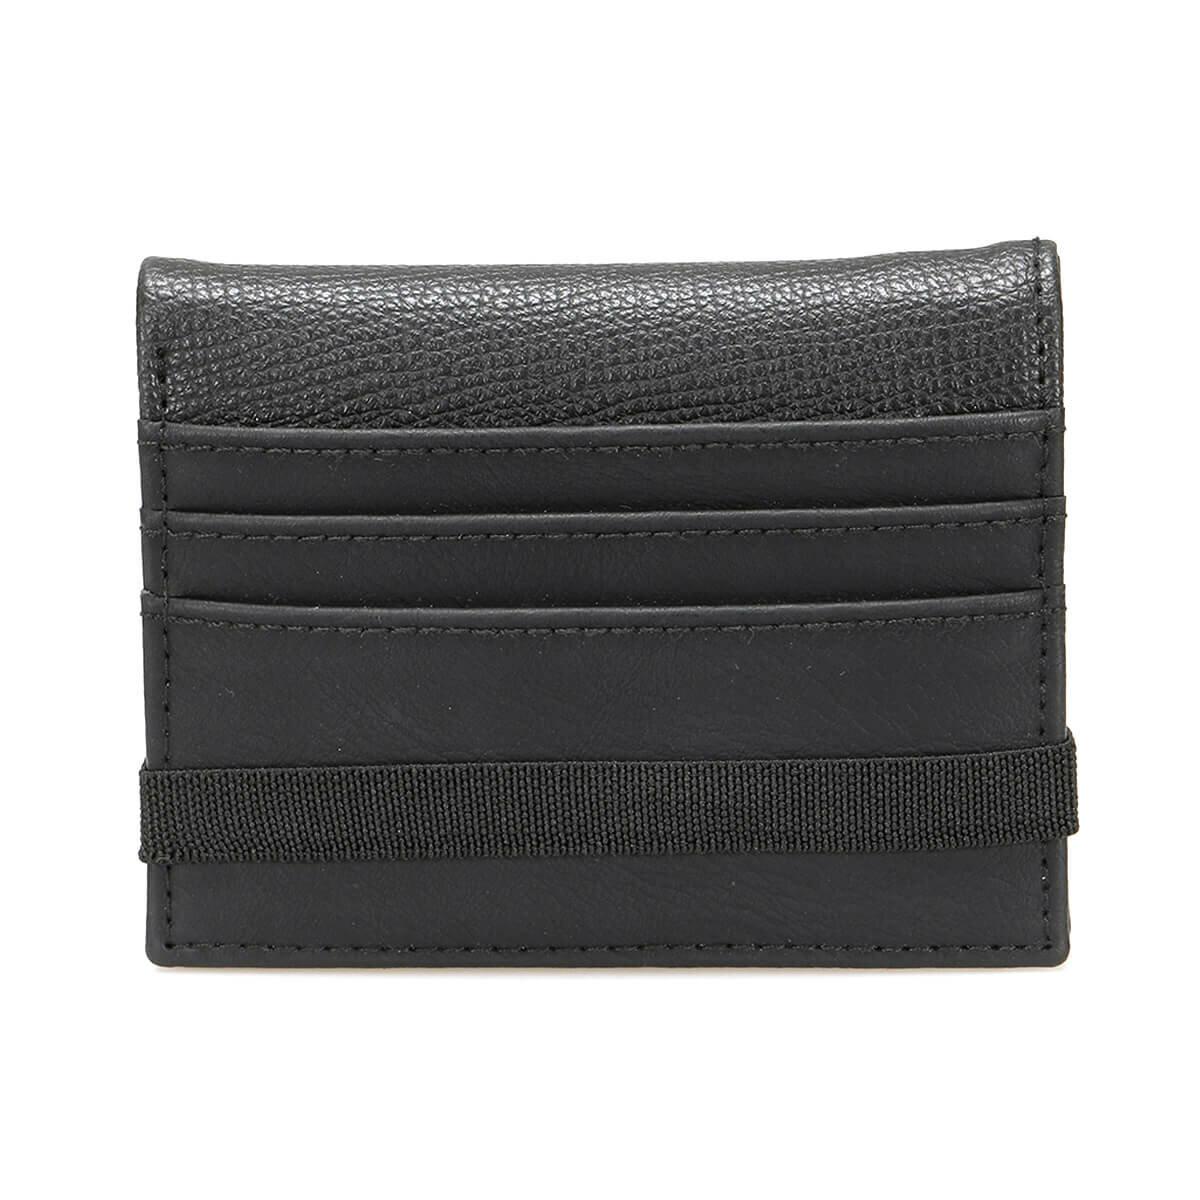 FLO MRMD2207 Black Men Card Wallet Garamond